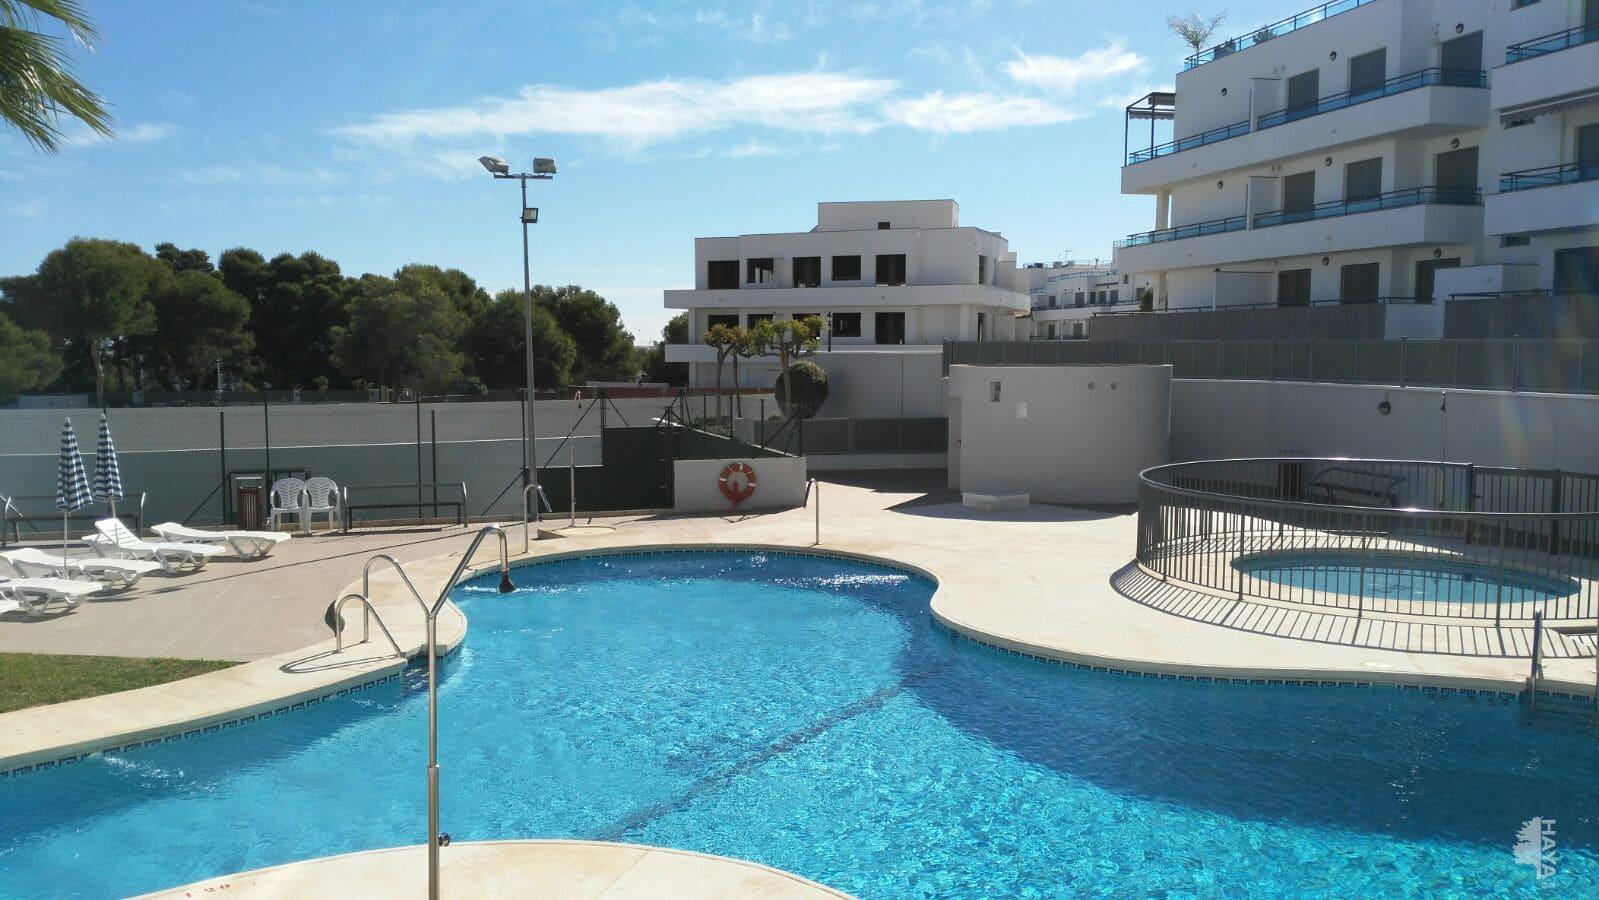 Piso en venta en Garrucha, Garrucha, Almería, Calle Murillo, 93.200 €, 2 habitaciones, 2 baños, 86 m2